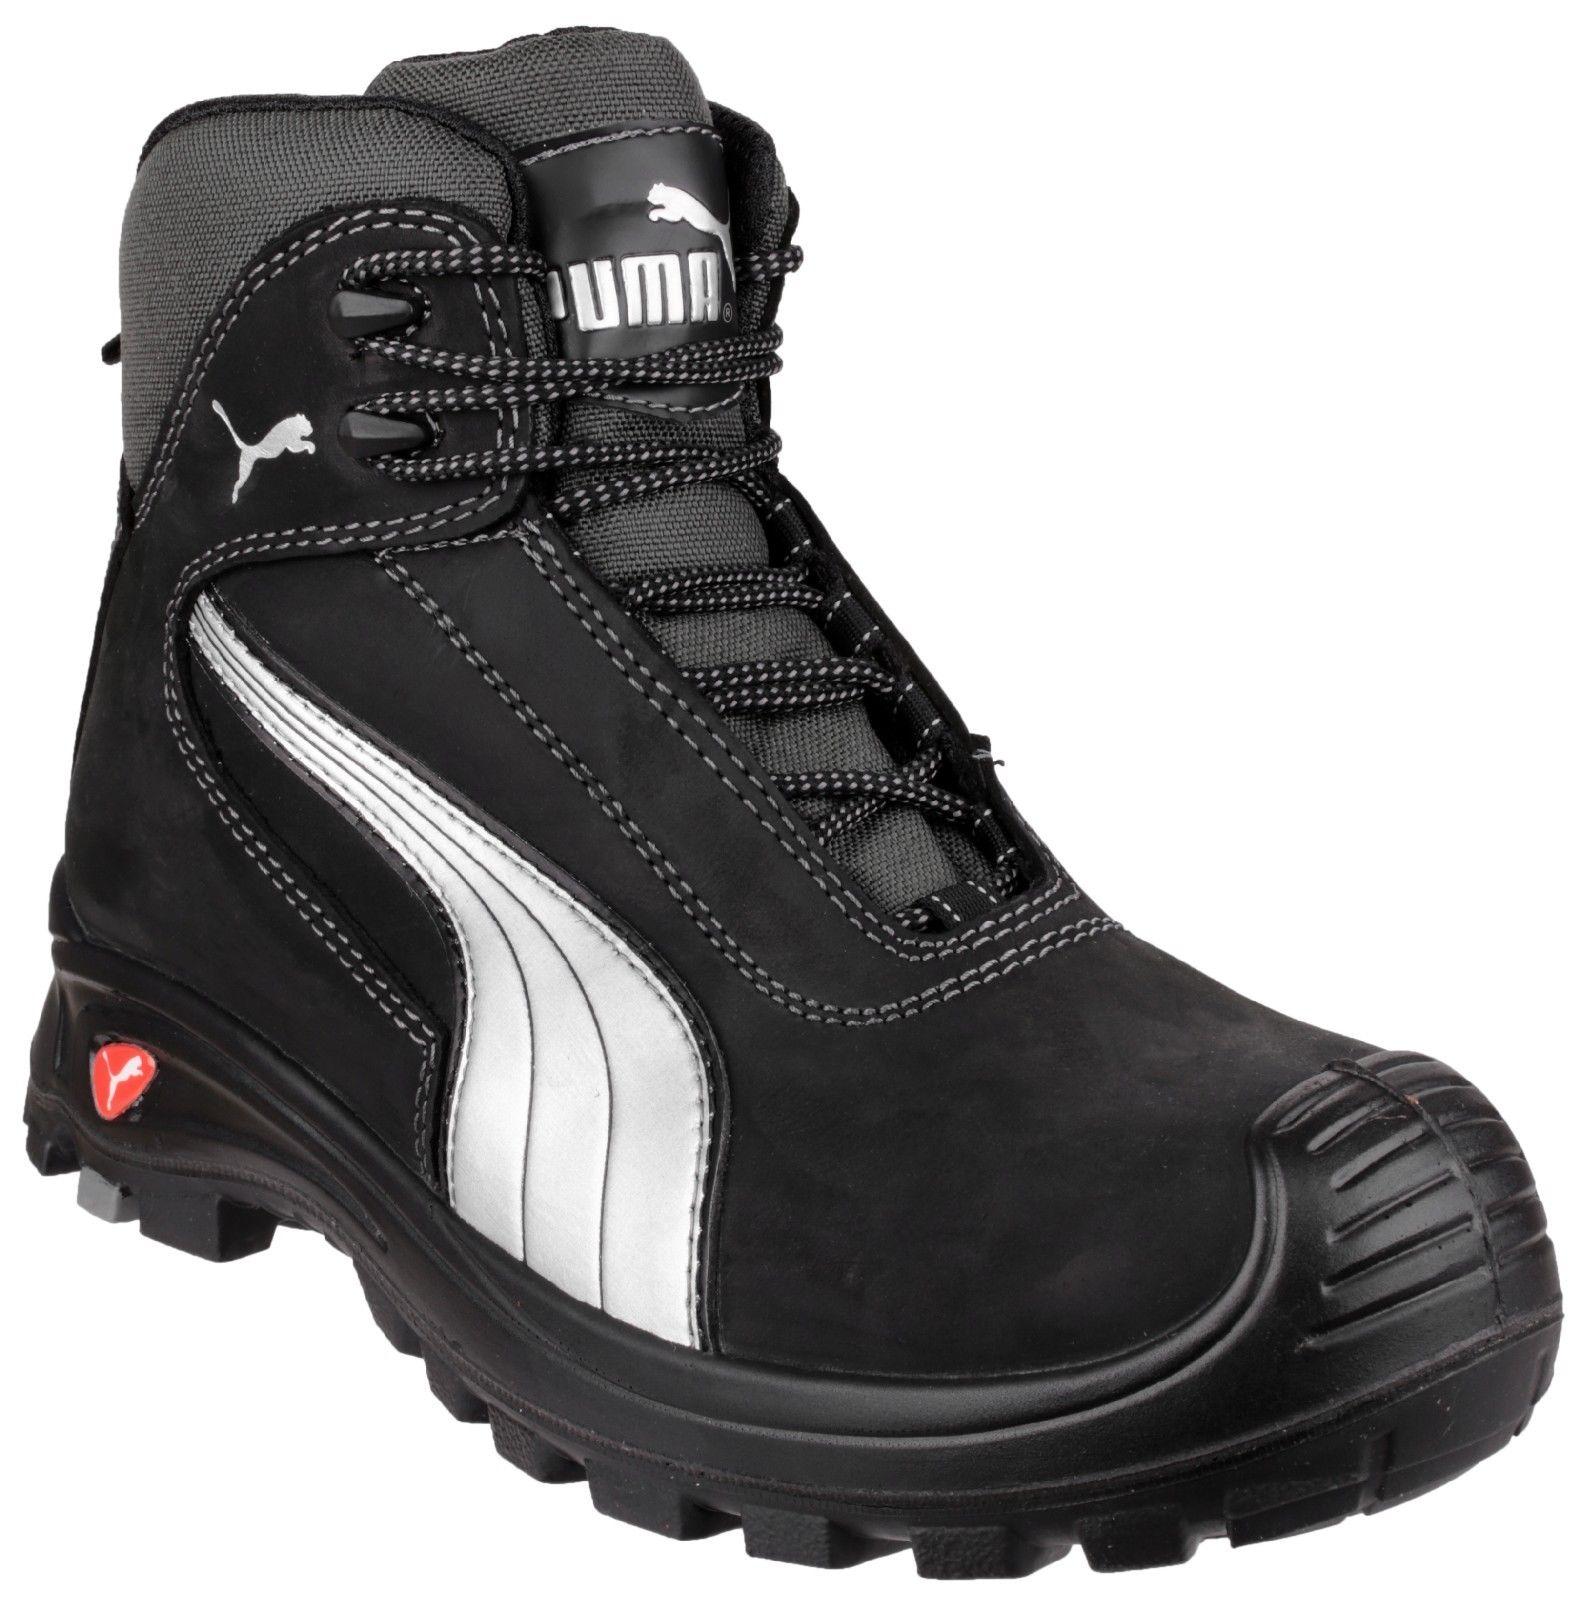 91f0afbfa9b36 Puma 630210 Cascades Mid black S3 HRO water resistant safety boot   midsole  6-13